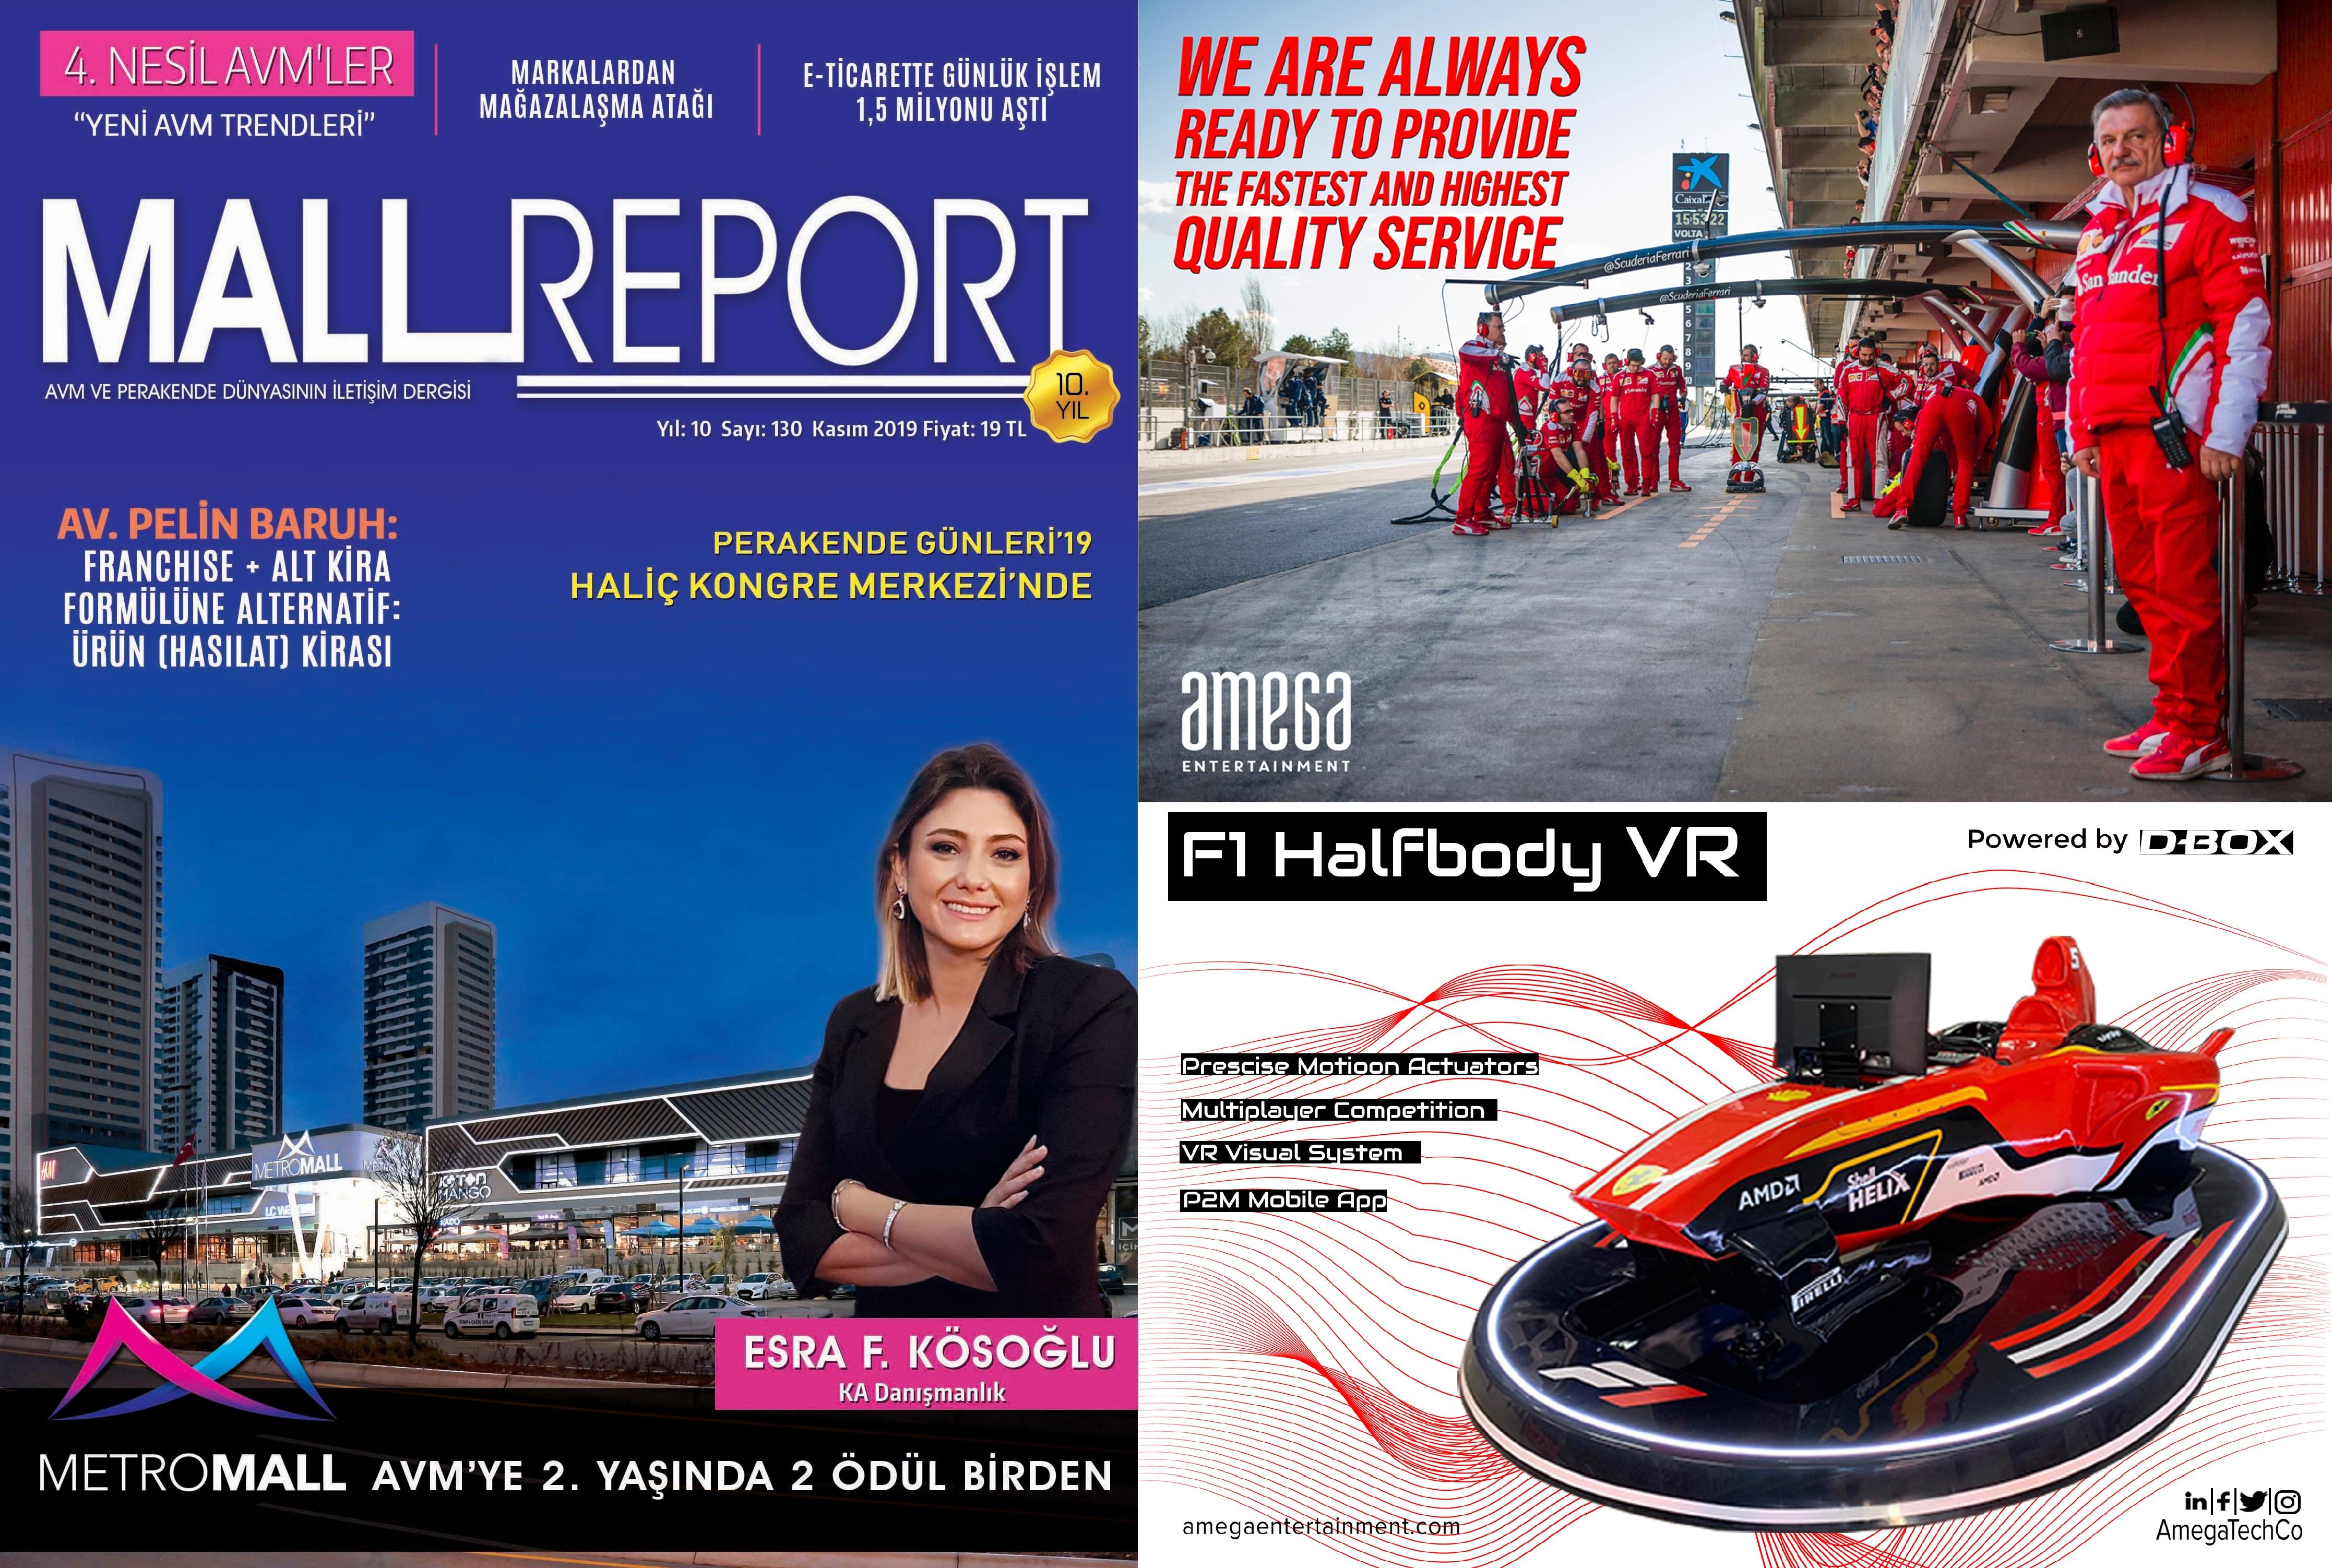 MALL REPORT KASIM 2019